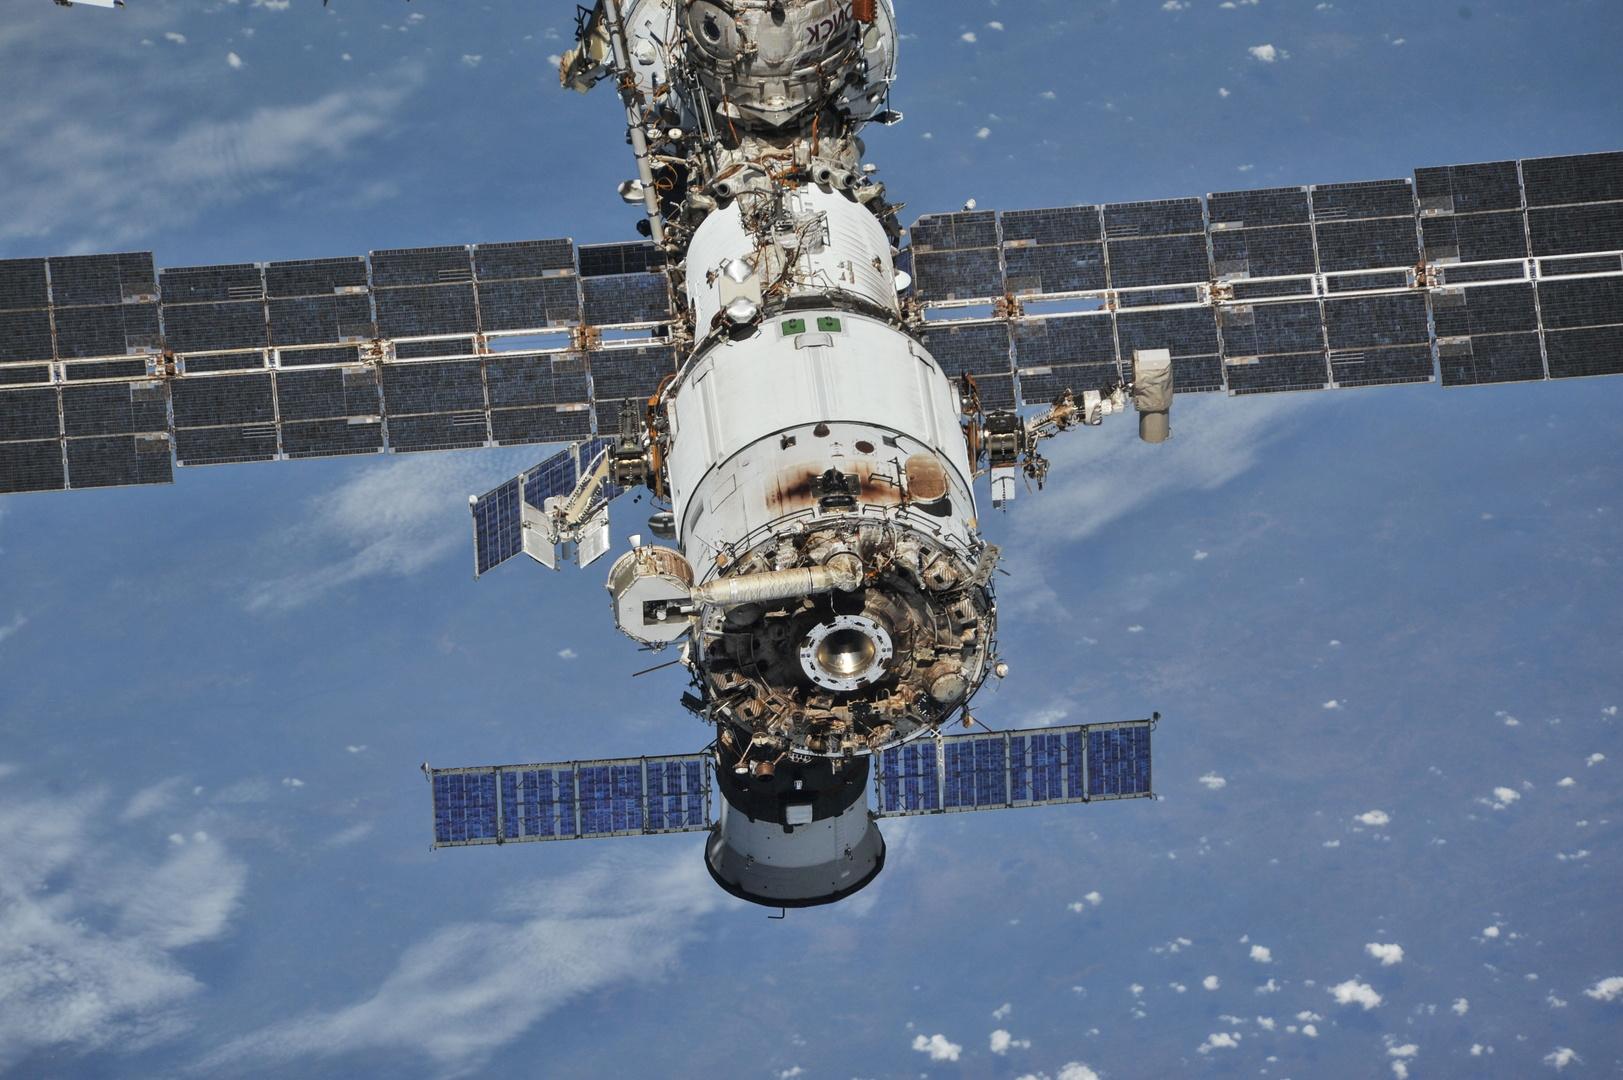 رواد الفضاء في المحطة الدولية يشتكون من الحرارة المرتفعة في الوحدة الأمريكية